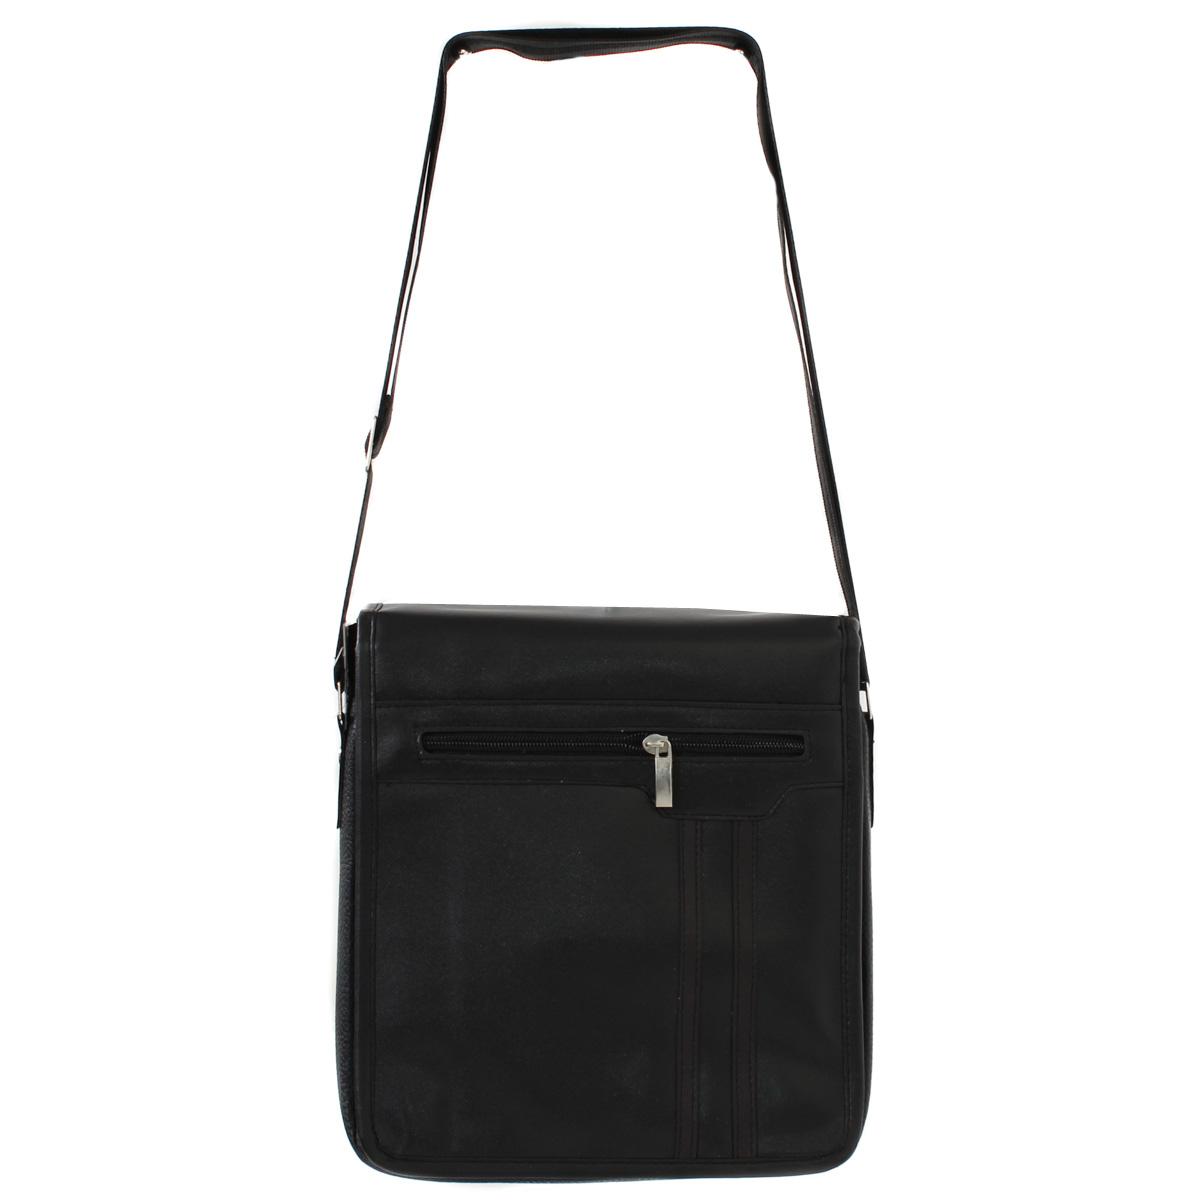 Сумка муж. Leighton, цвет: черный. 0005119800051198Закрывается декоративным клапаном на двух магнитах. Внутри одно отделение, один карман на молнии, один открытый карман. Снаружи один карман на молнии, один открытый карман.